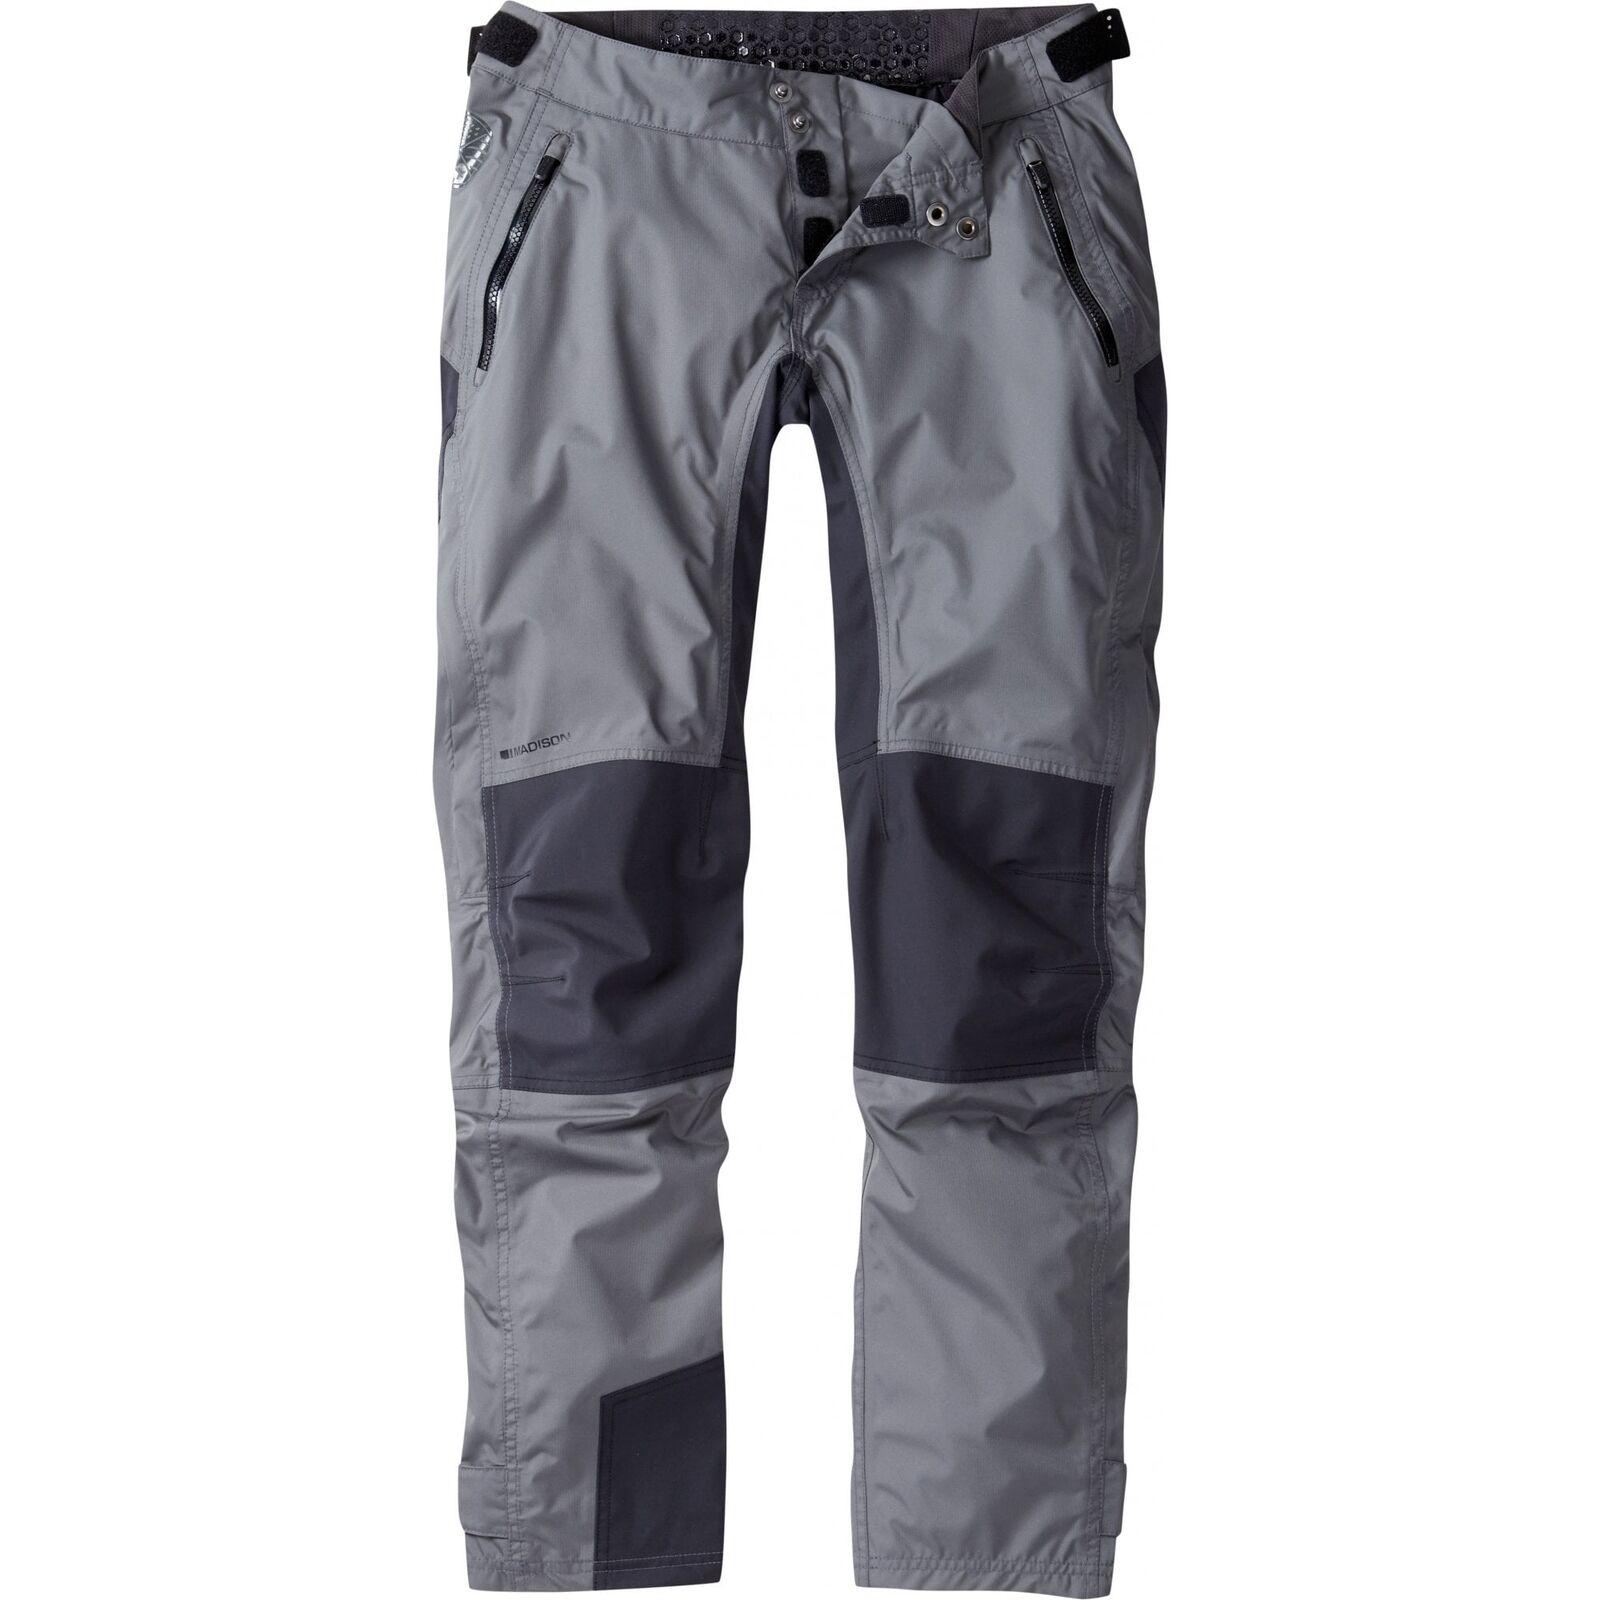 Madison DTE Women's Waterproof Trousers